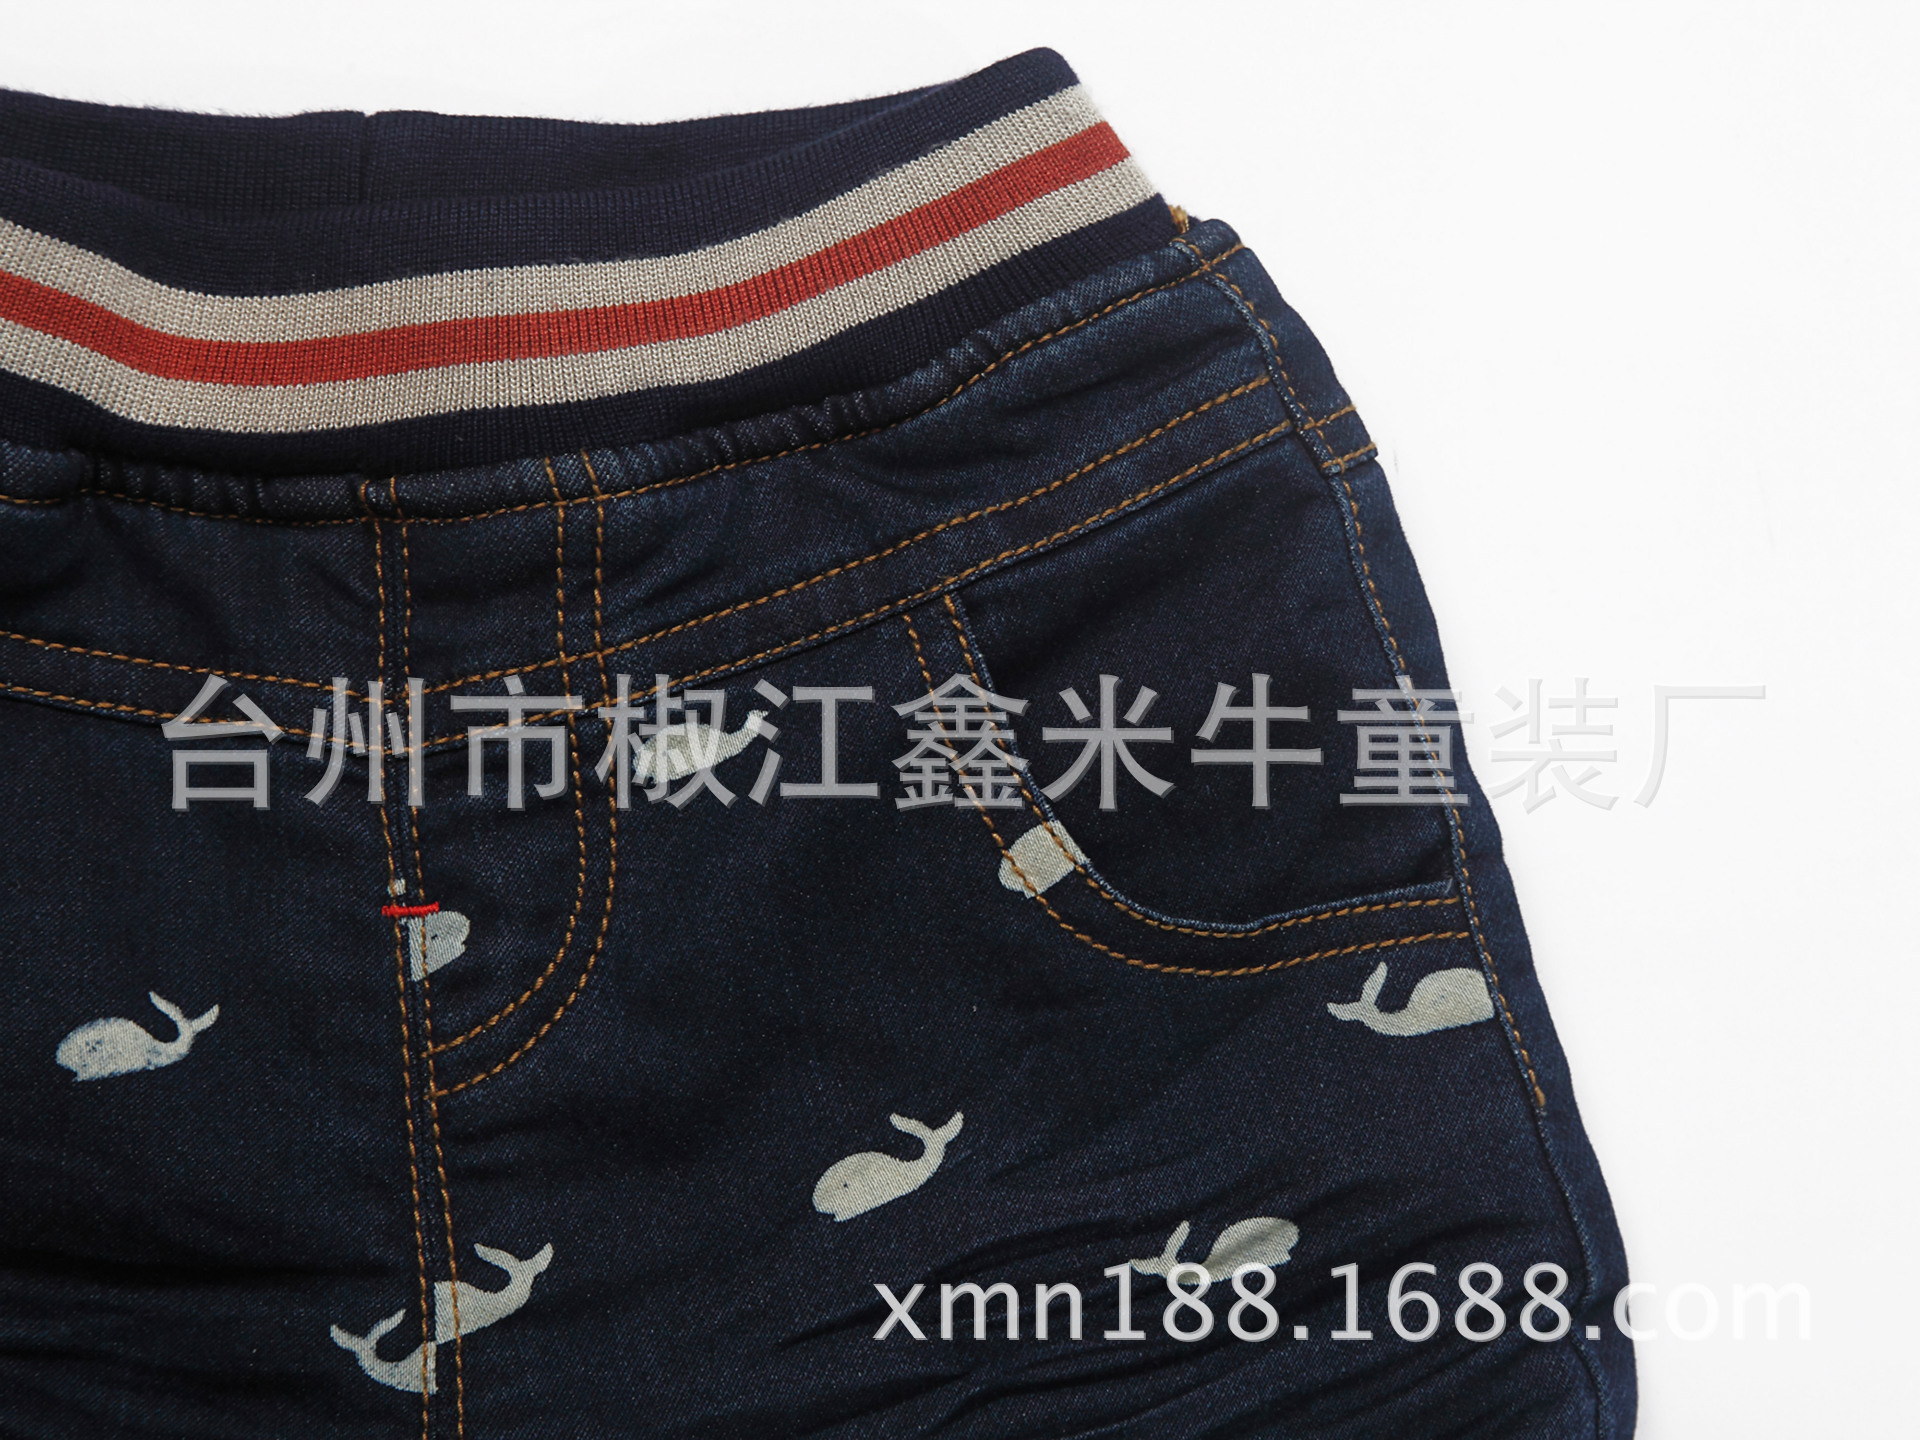 儿童牛仔裤加绒保暖856